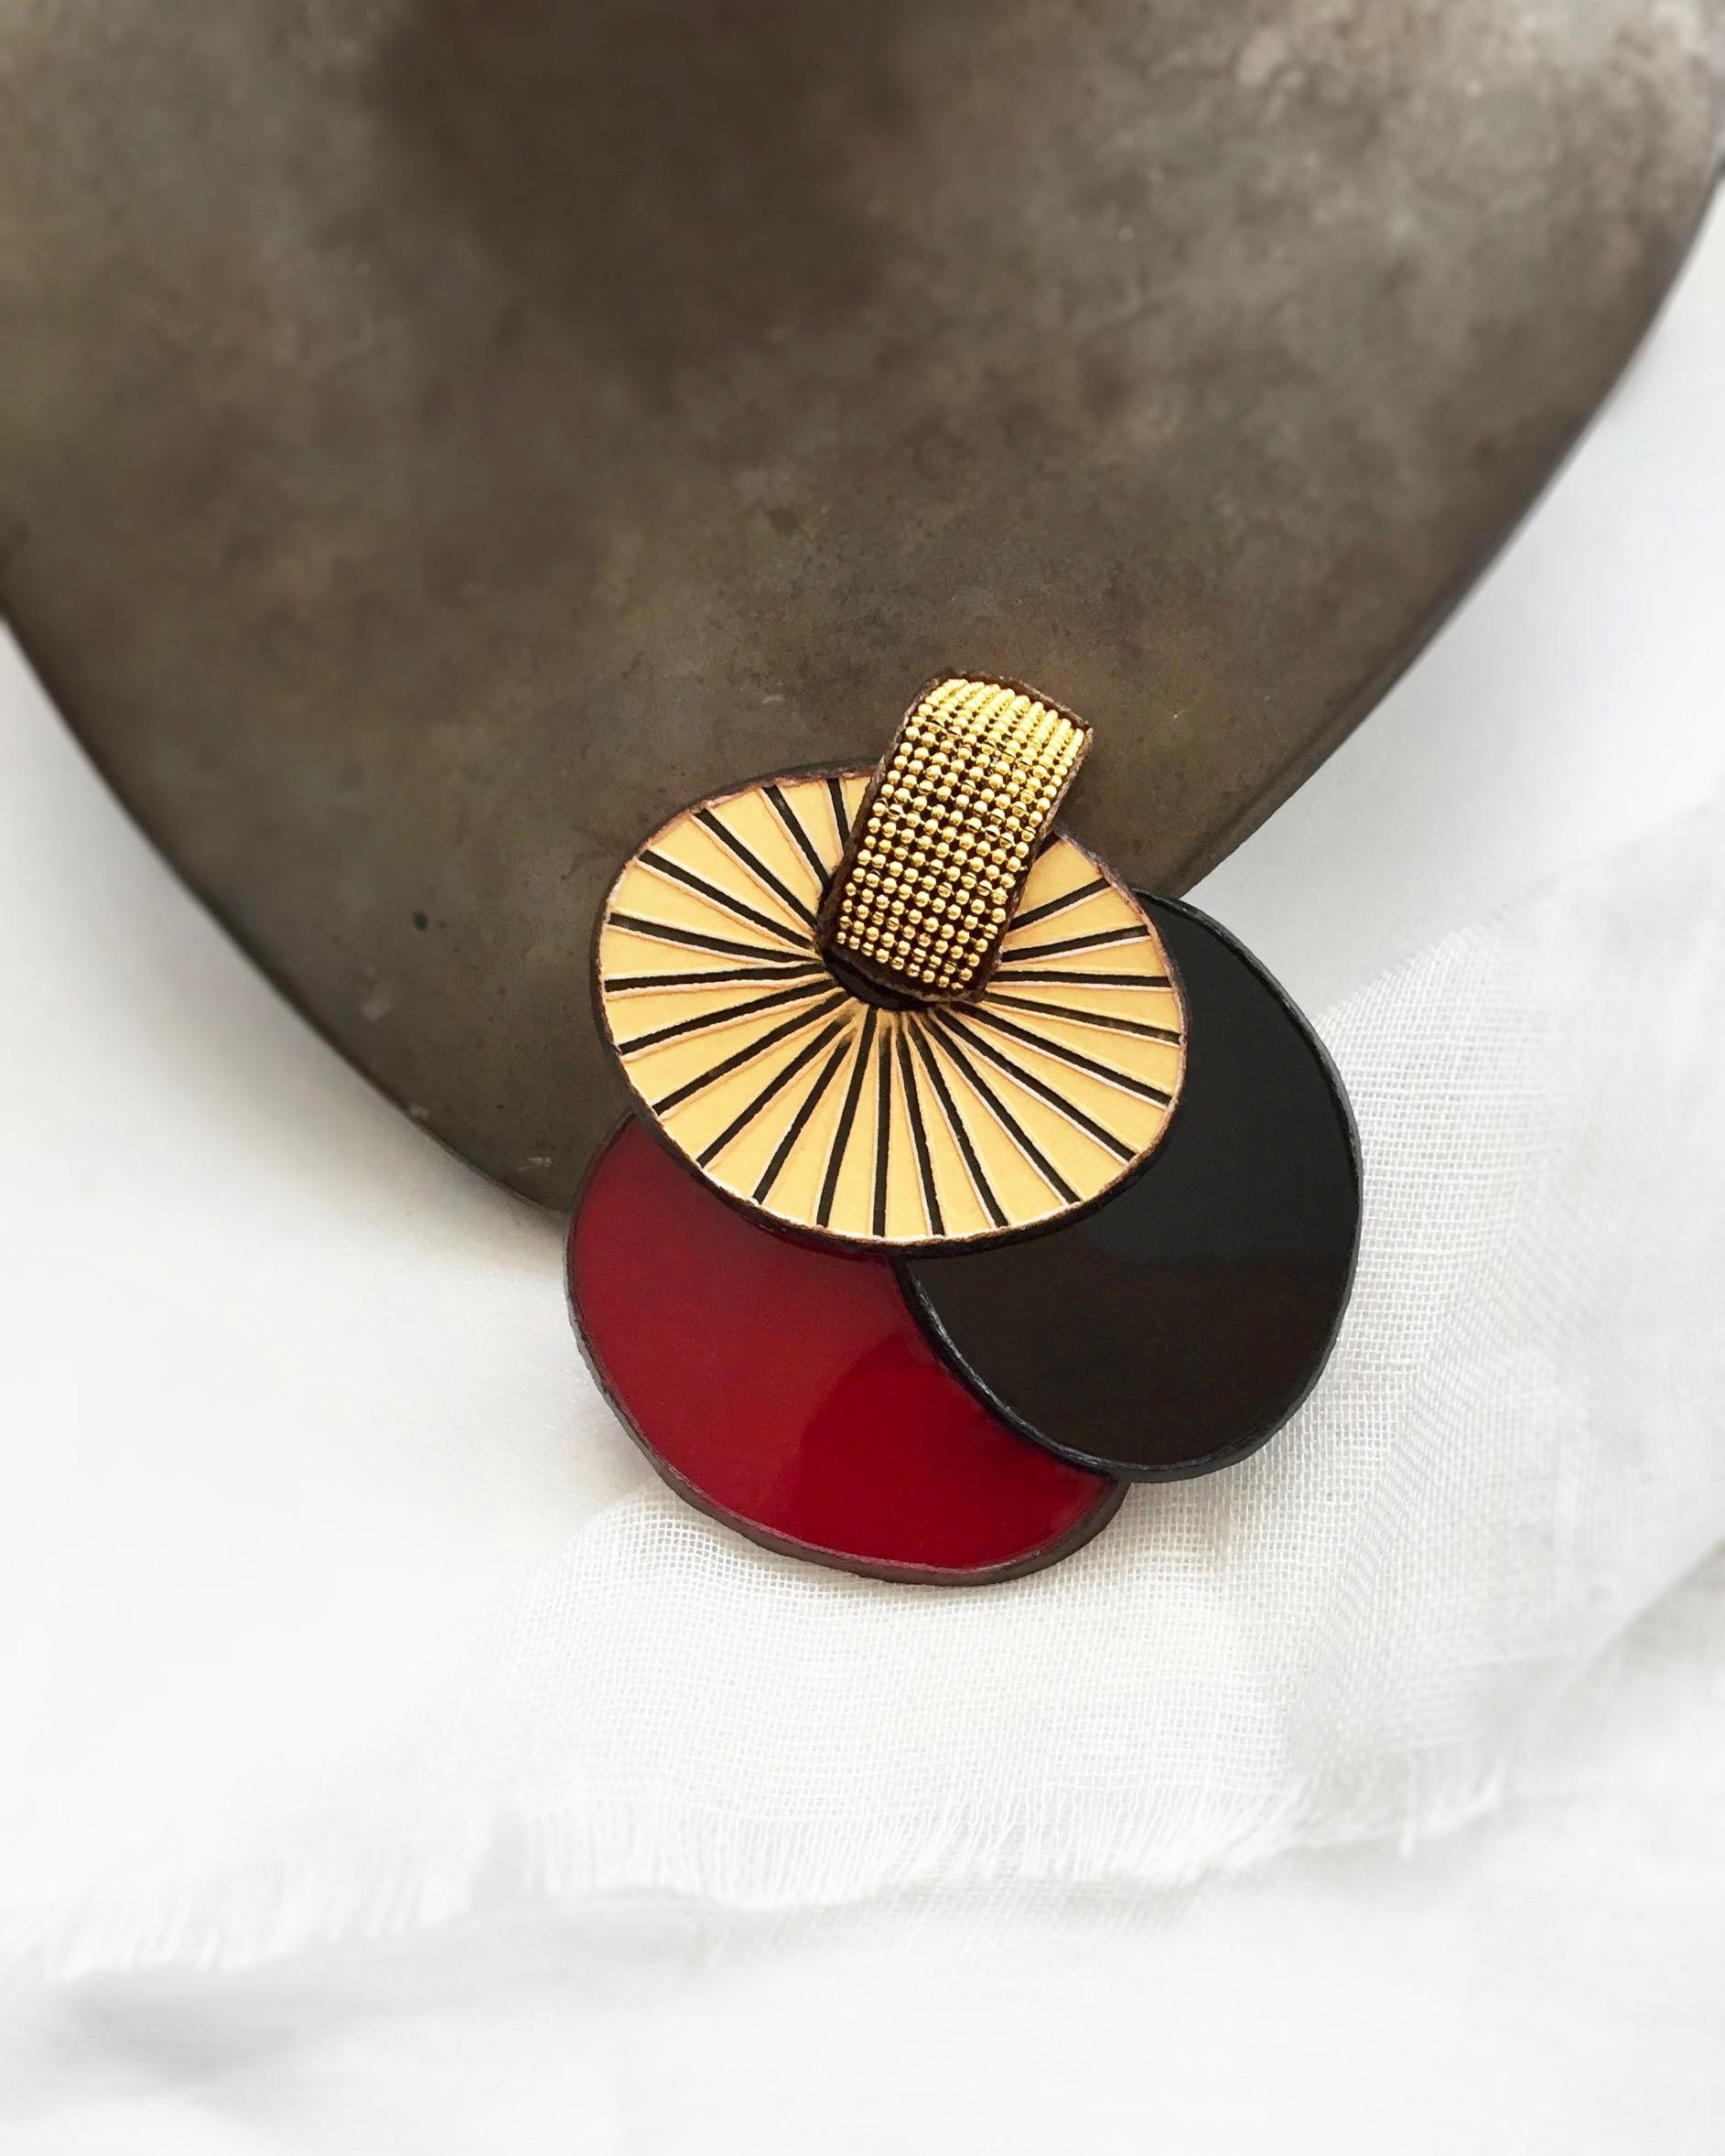 Broches de haute fantaisie par Ciléa bijoux